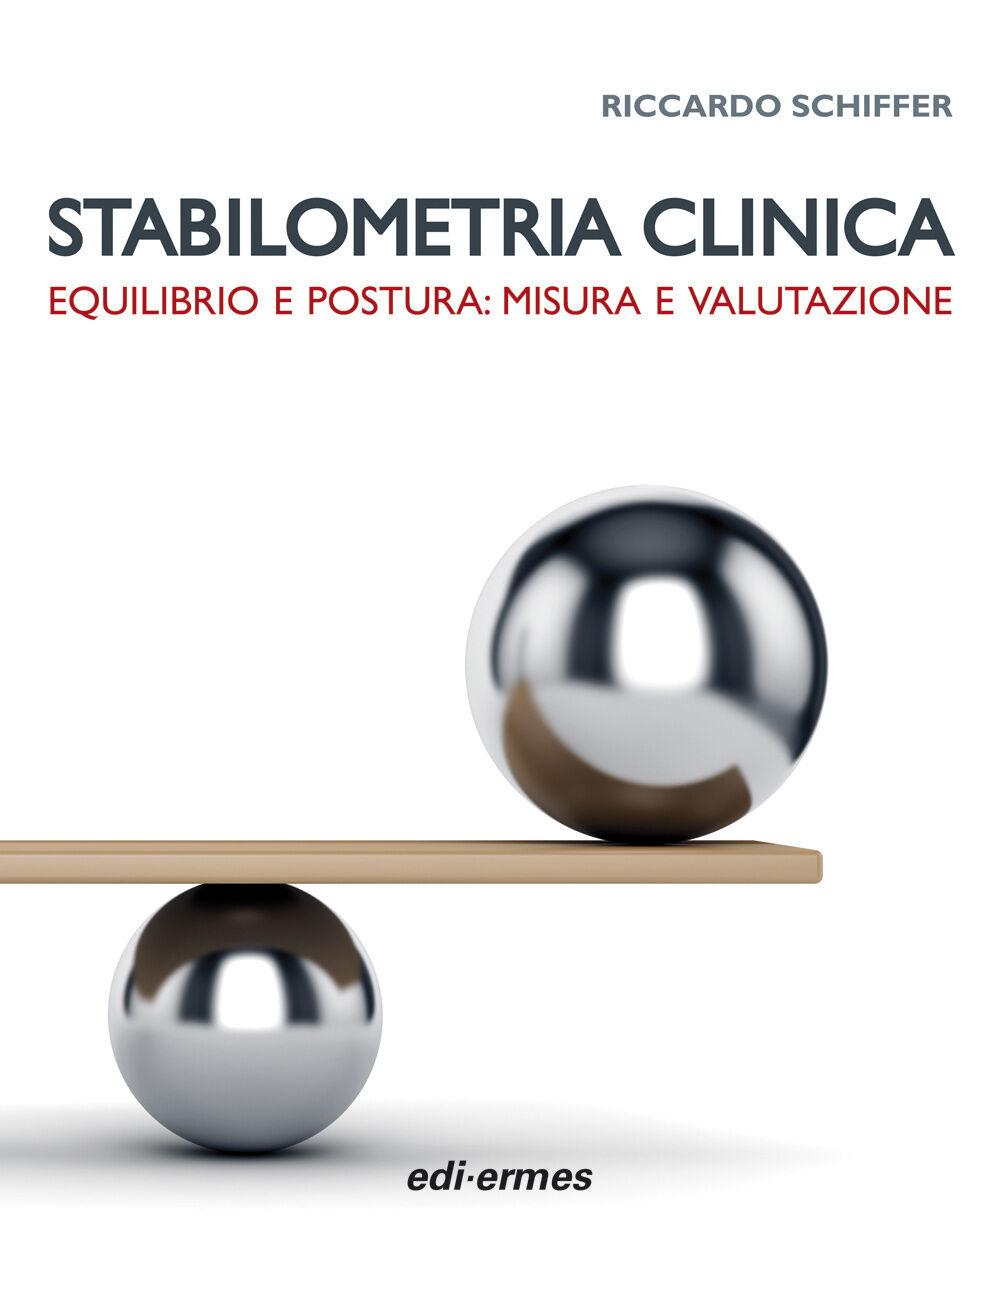 Stabilometria clinica. Equilibrio e postura: misura e valutazione